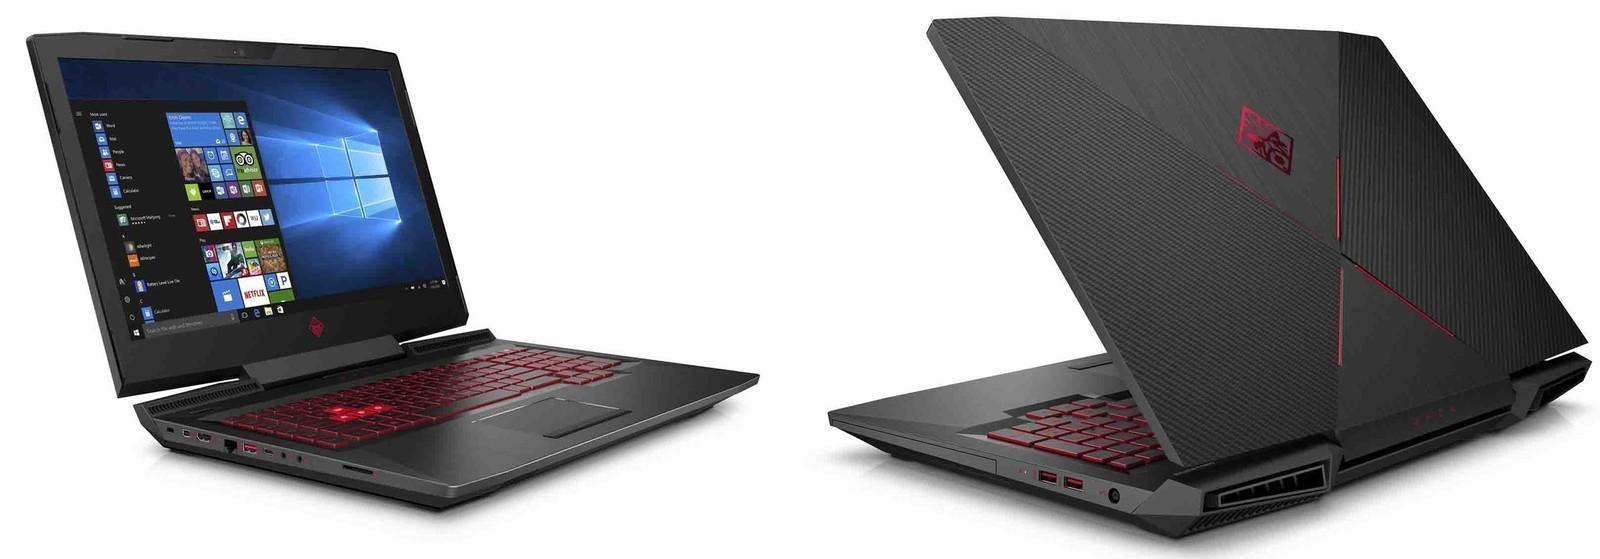 24b1da8ea HP pred E3 predstavuje svoje nové herné desktopy, notebooky a monitory